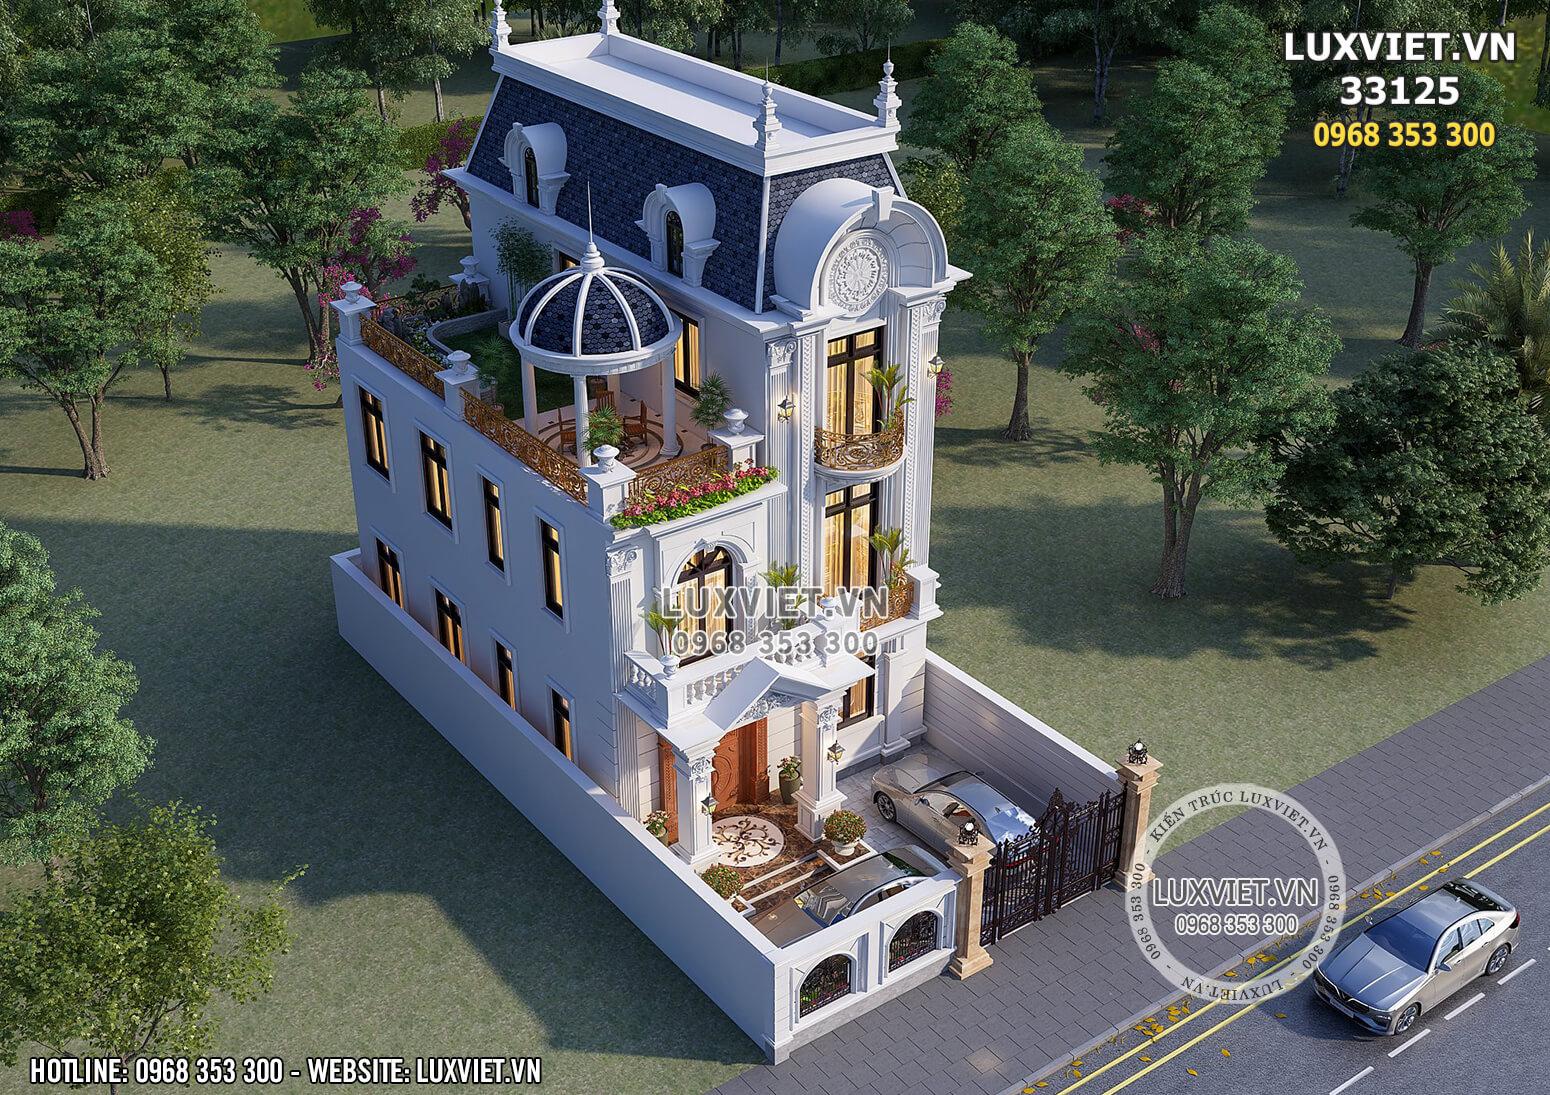 Hình ảnh: Biệt thự tân cổ điển 3 tầng mặt tiền 8m - LV 33125